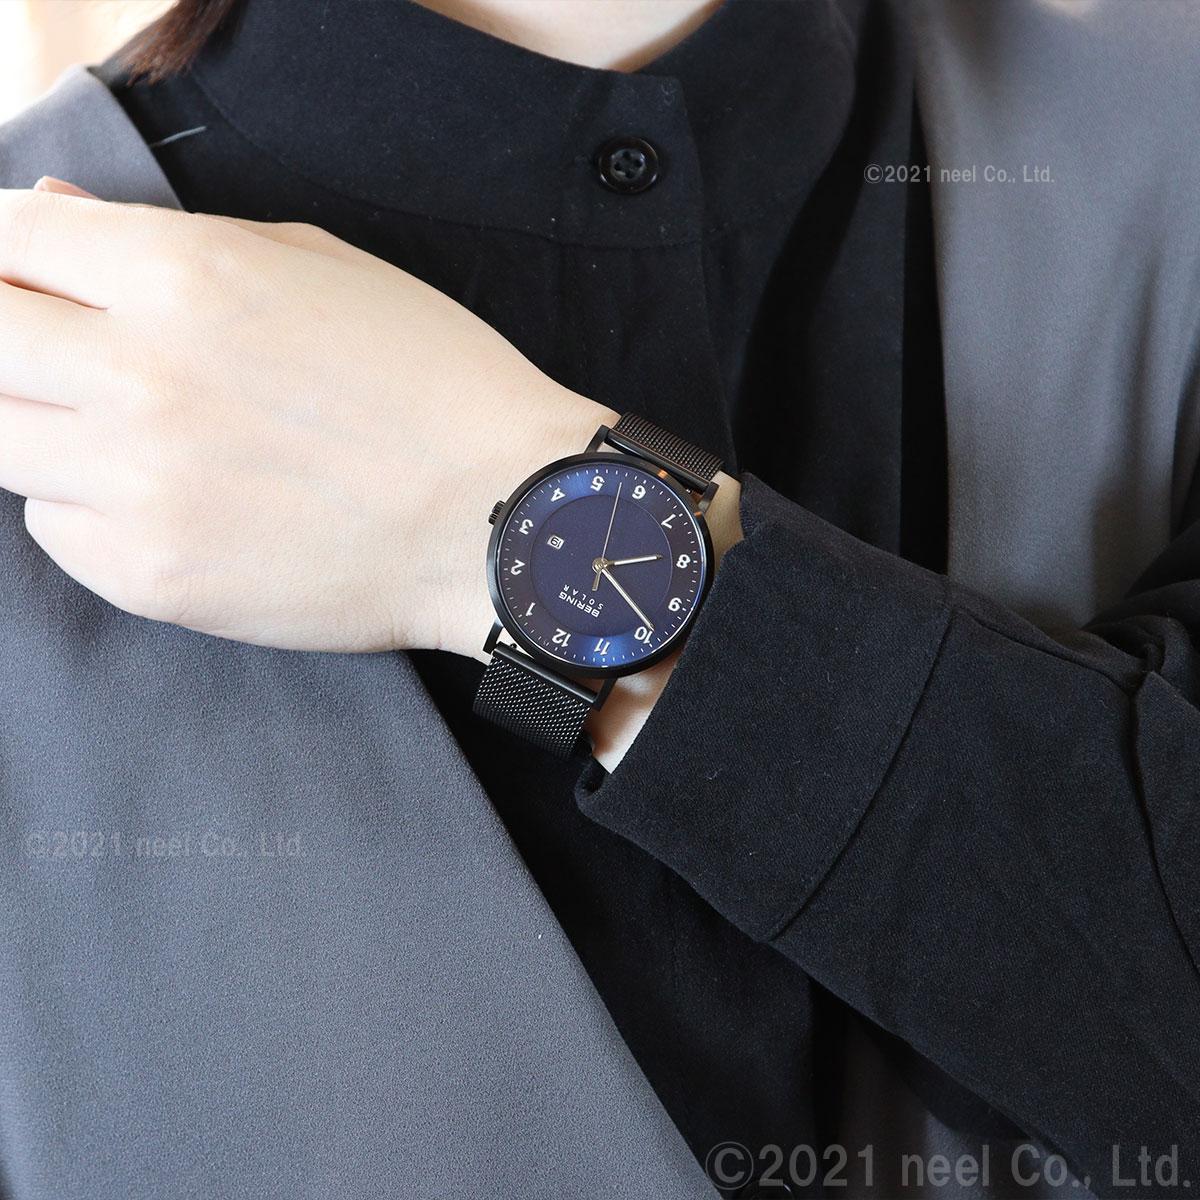 ベーリング BERING 腕時計 メンズ ソーラー スカンジナビアンソーラー Scandinavian Solar D Buckle 15439-327